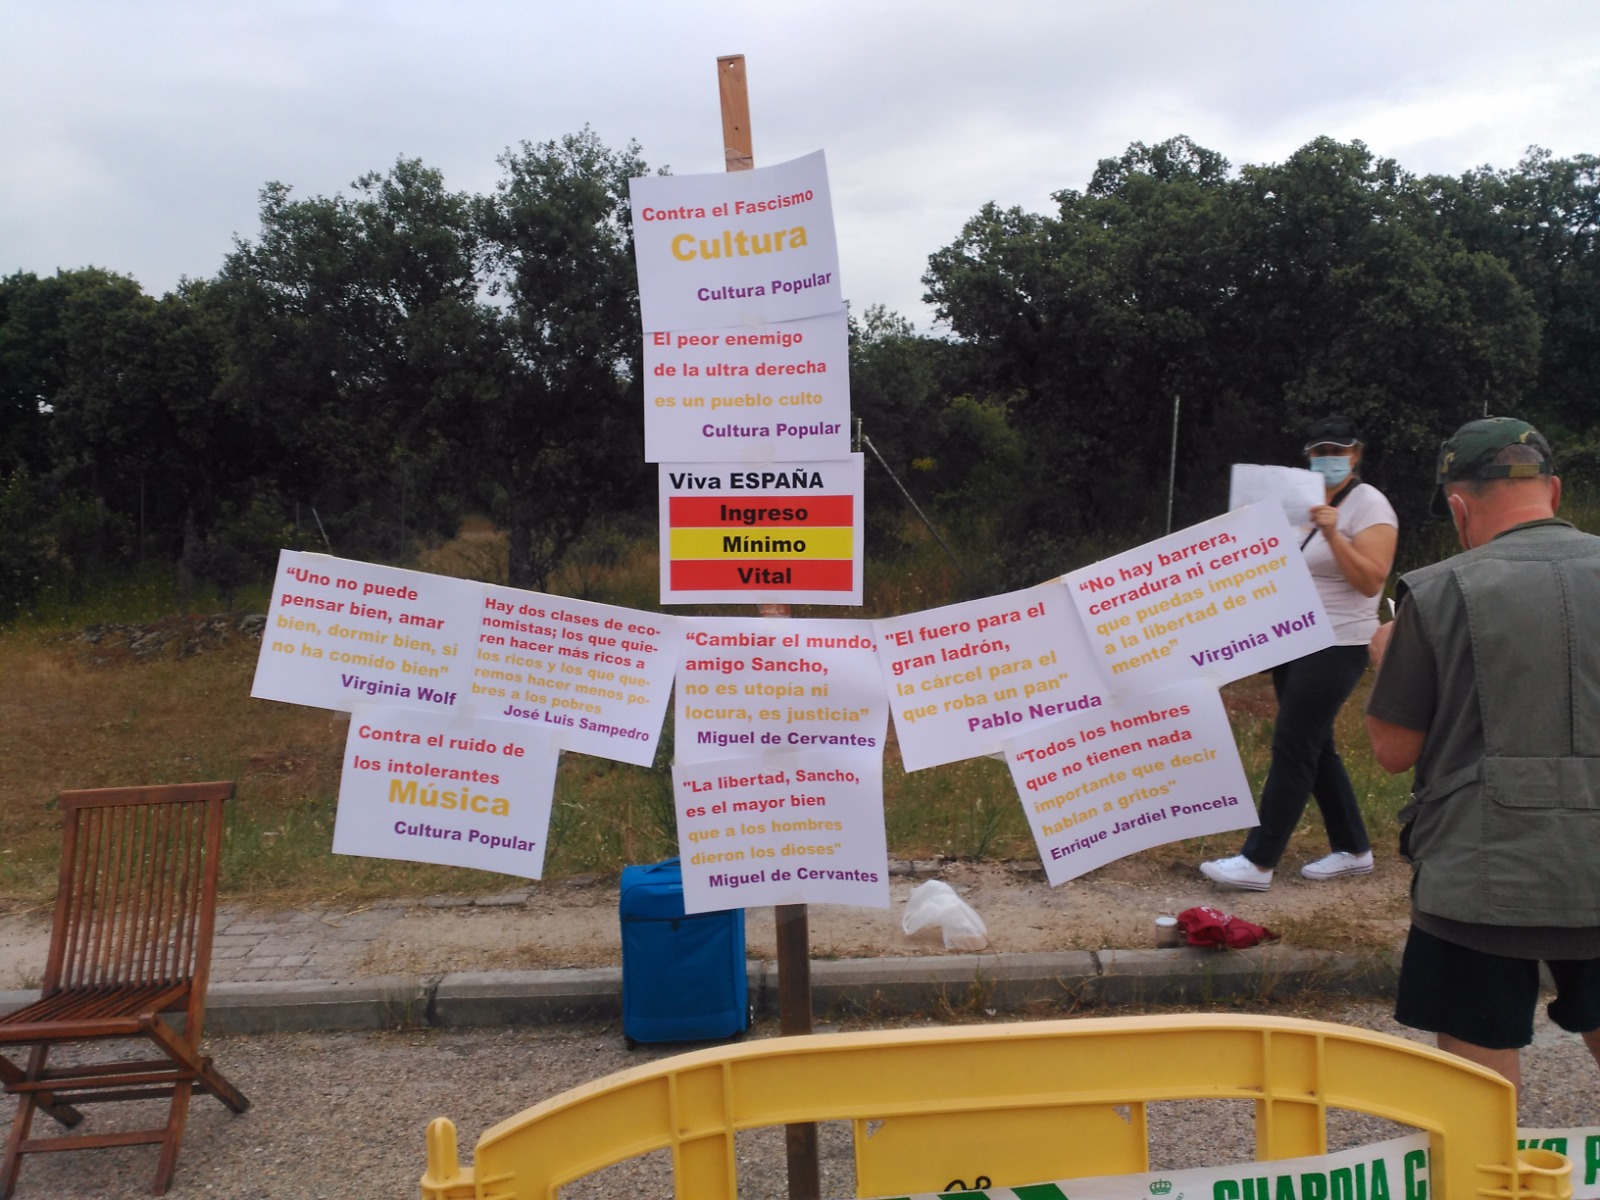 Bufones en la corte de Galapagar: miembros de Podemos se disfrazan en apoyo de Iglesias ante el casoplón